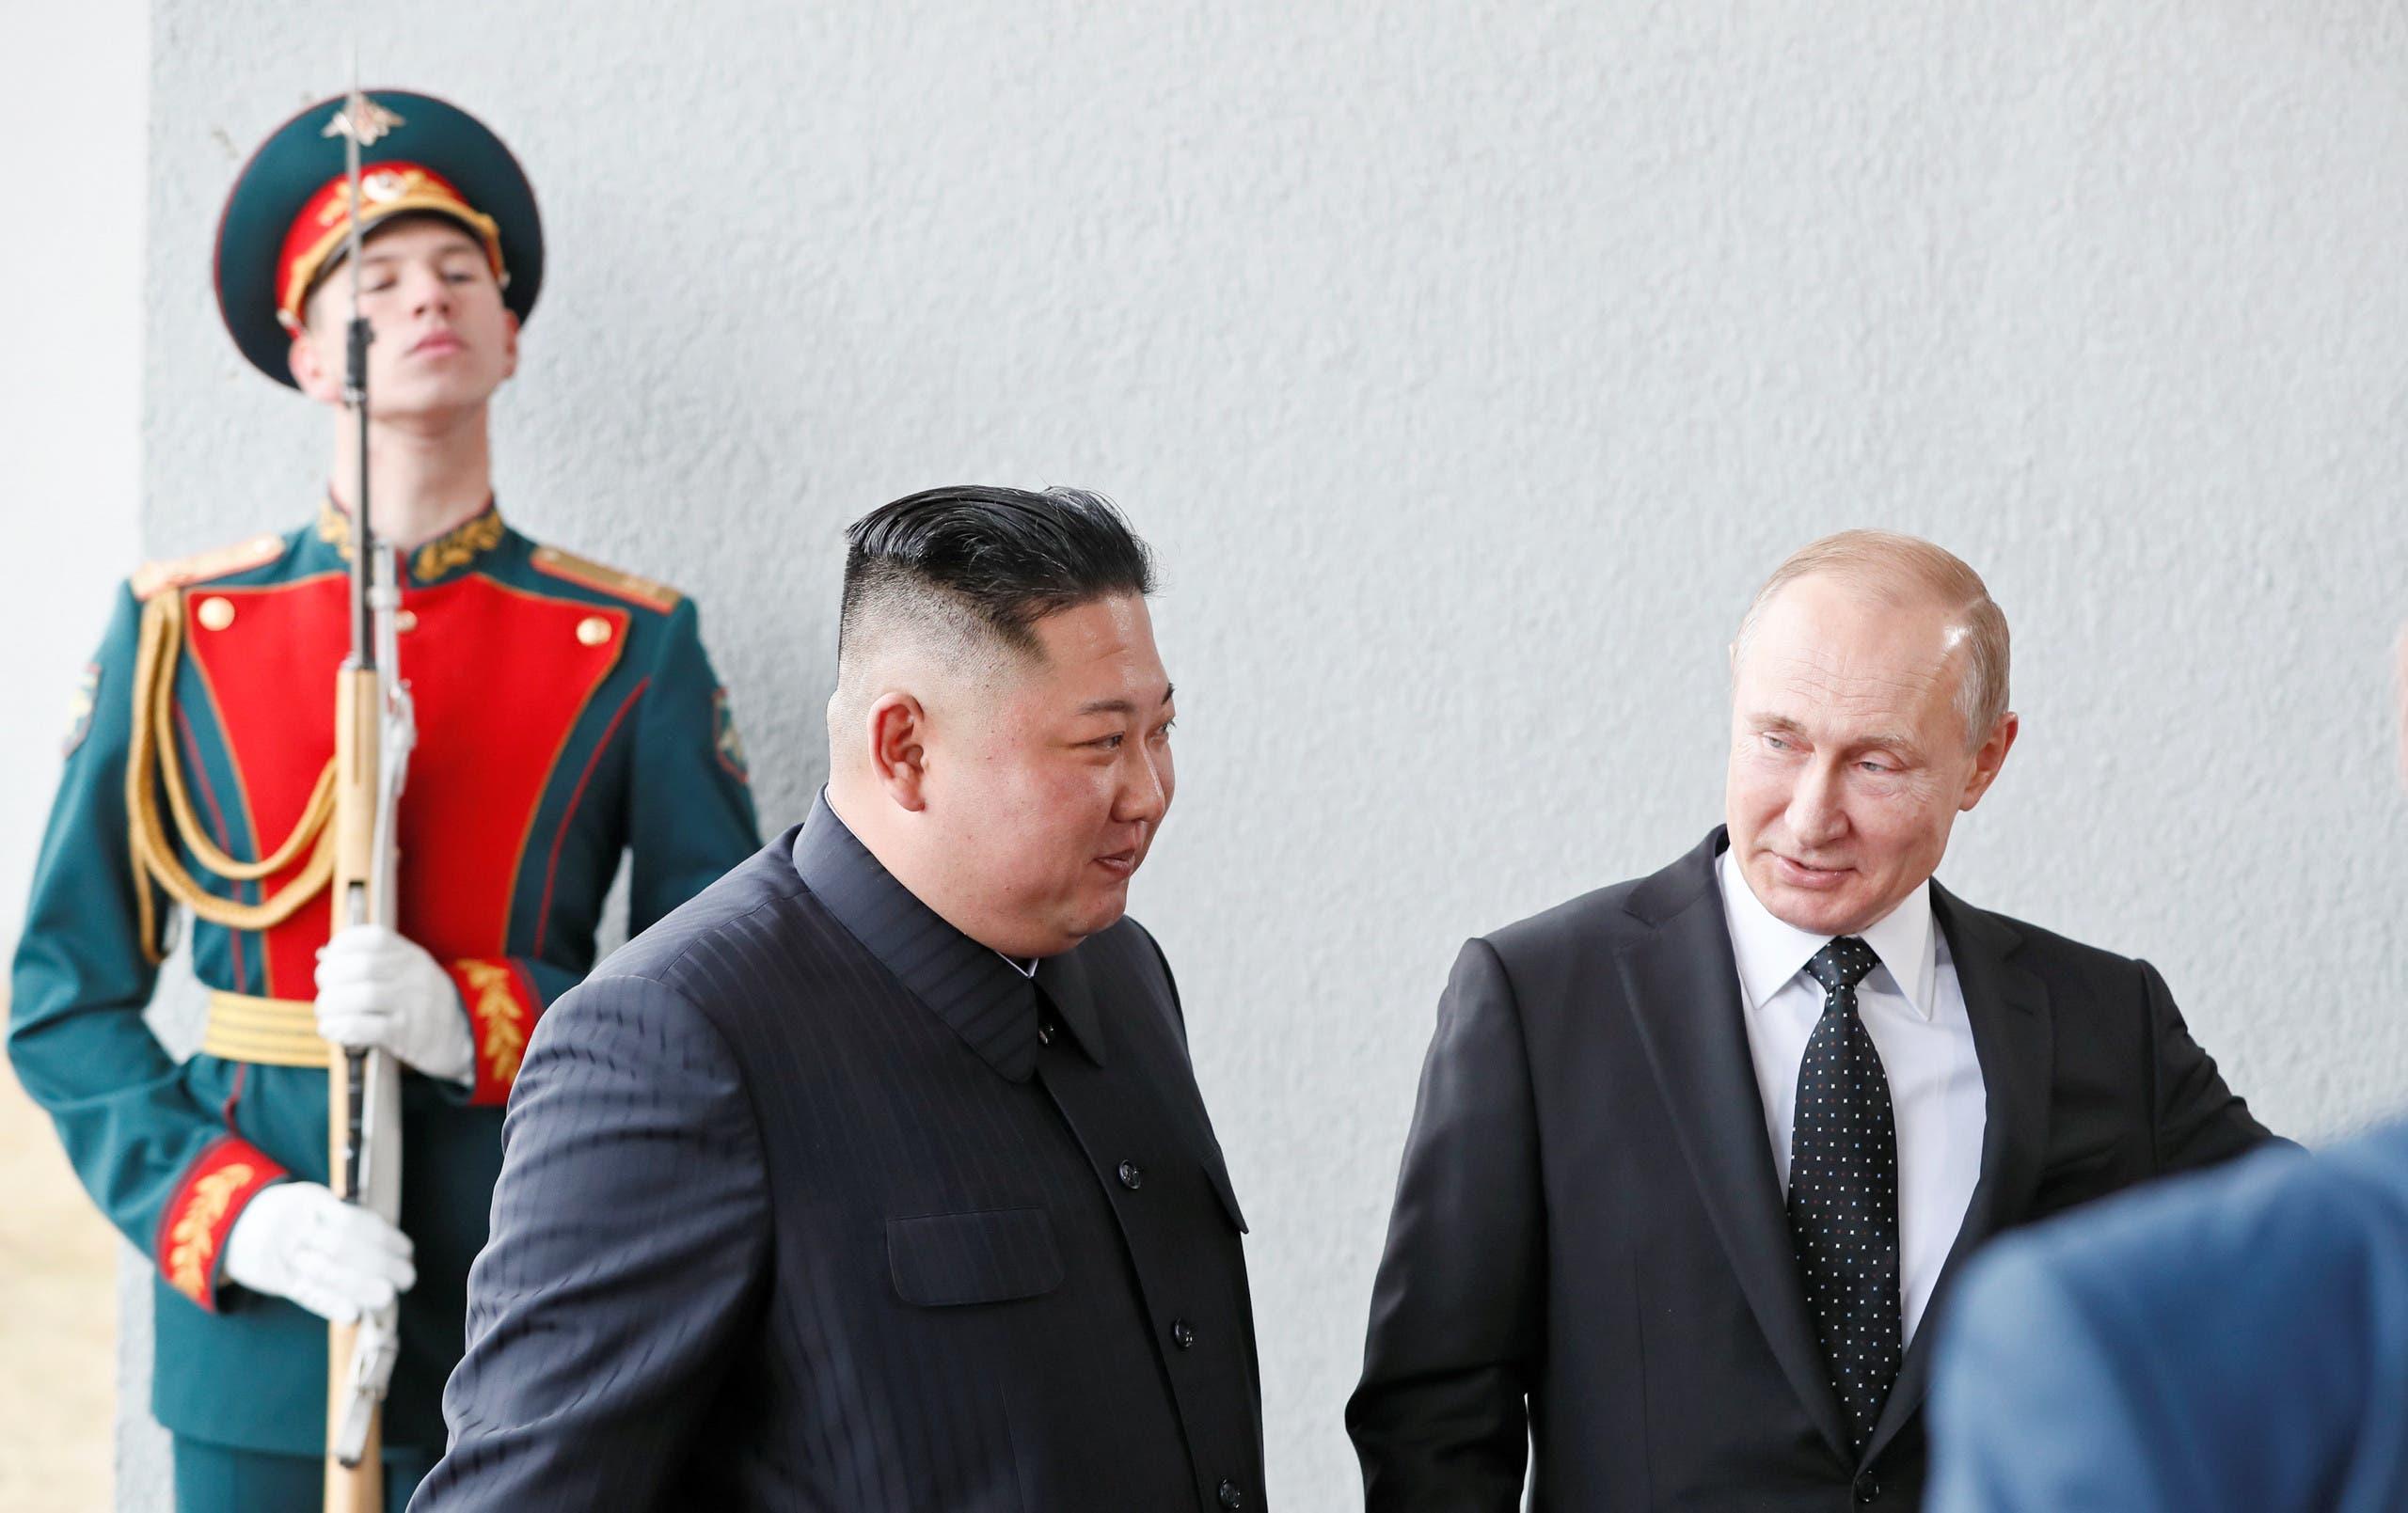 ولادیمیر پوتین رئیسجمهوری روسیه و کیم جونگ اون رهبر کره شمالی